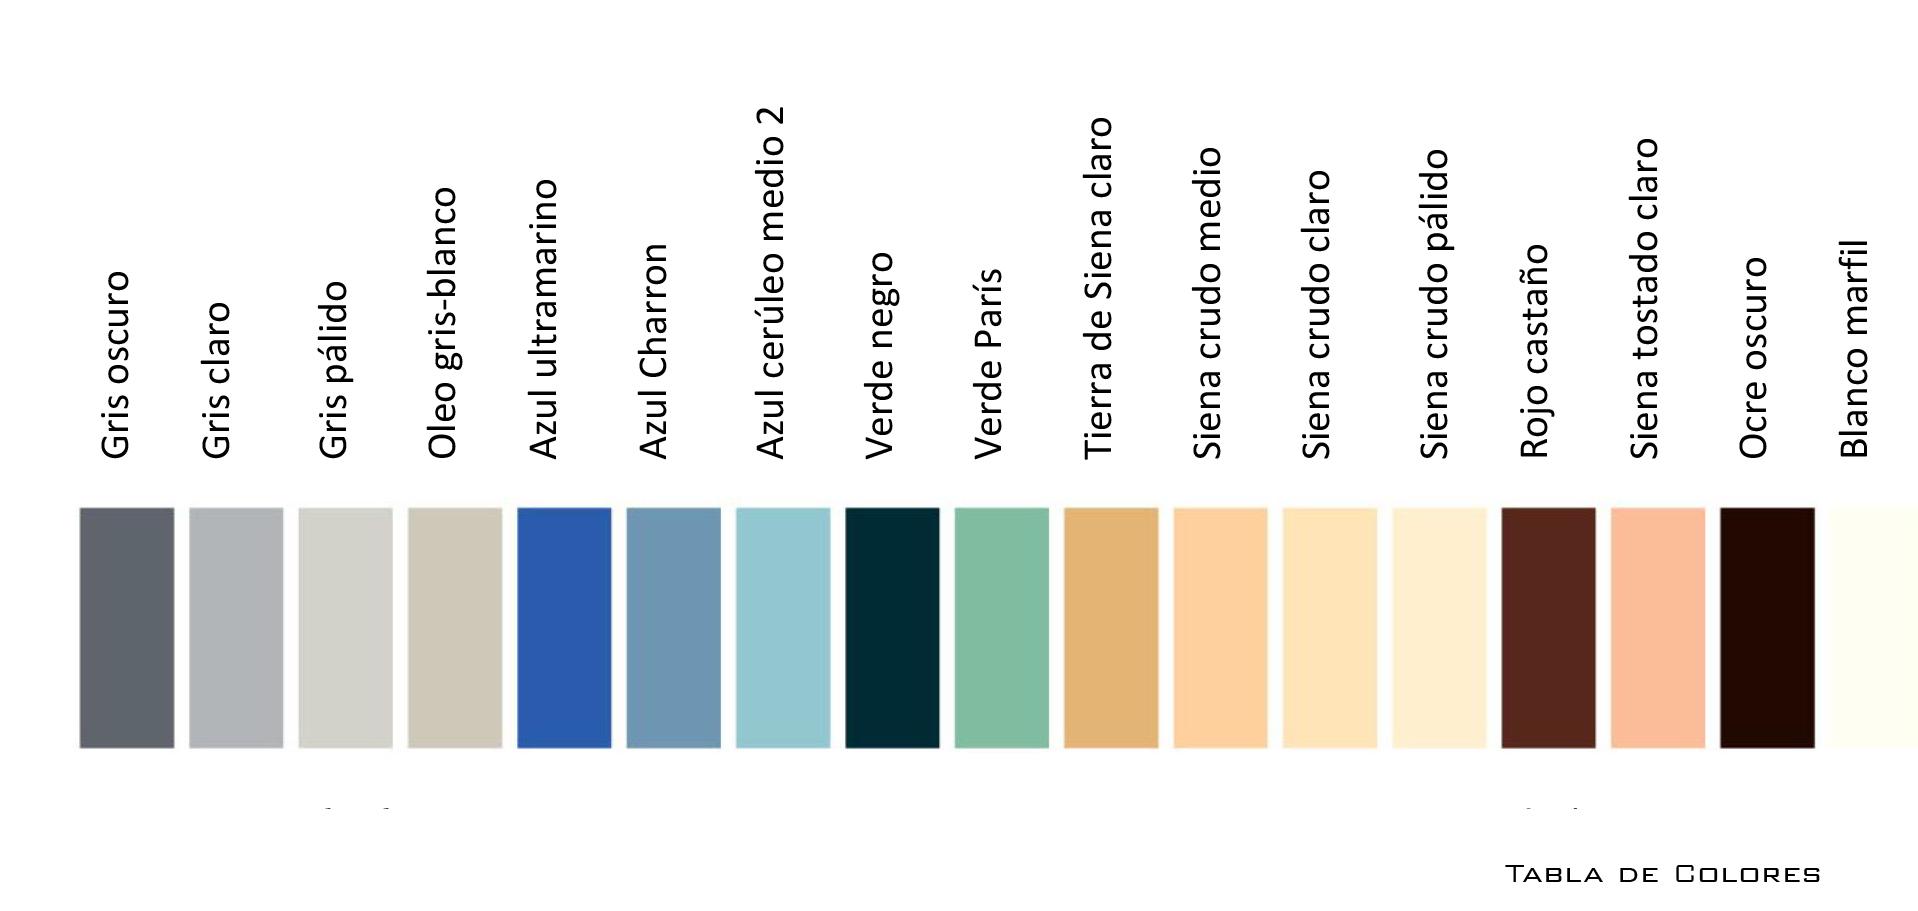 Pin by pinturas berel on decoraci n para casa pinterest for Tabla de colores pintura interior